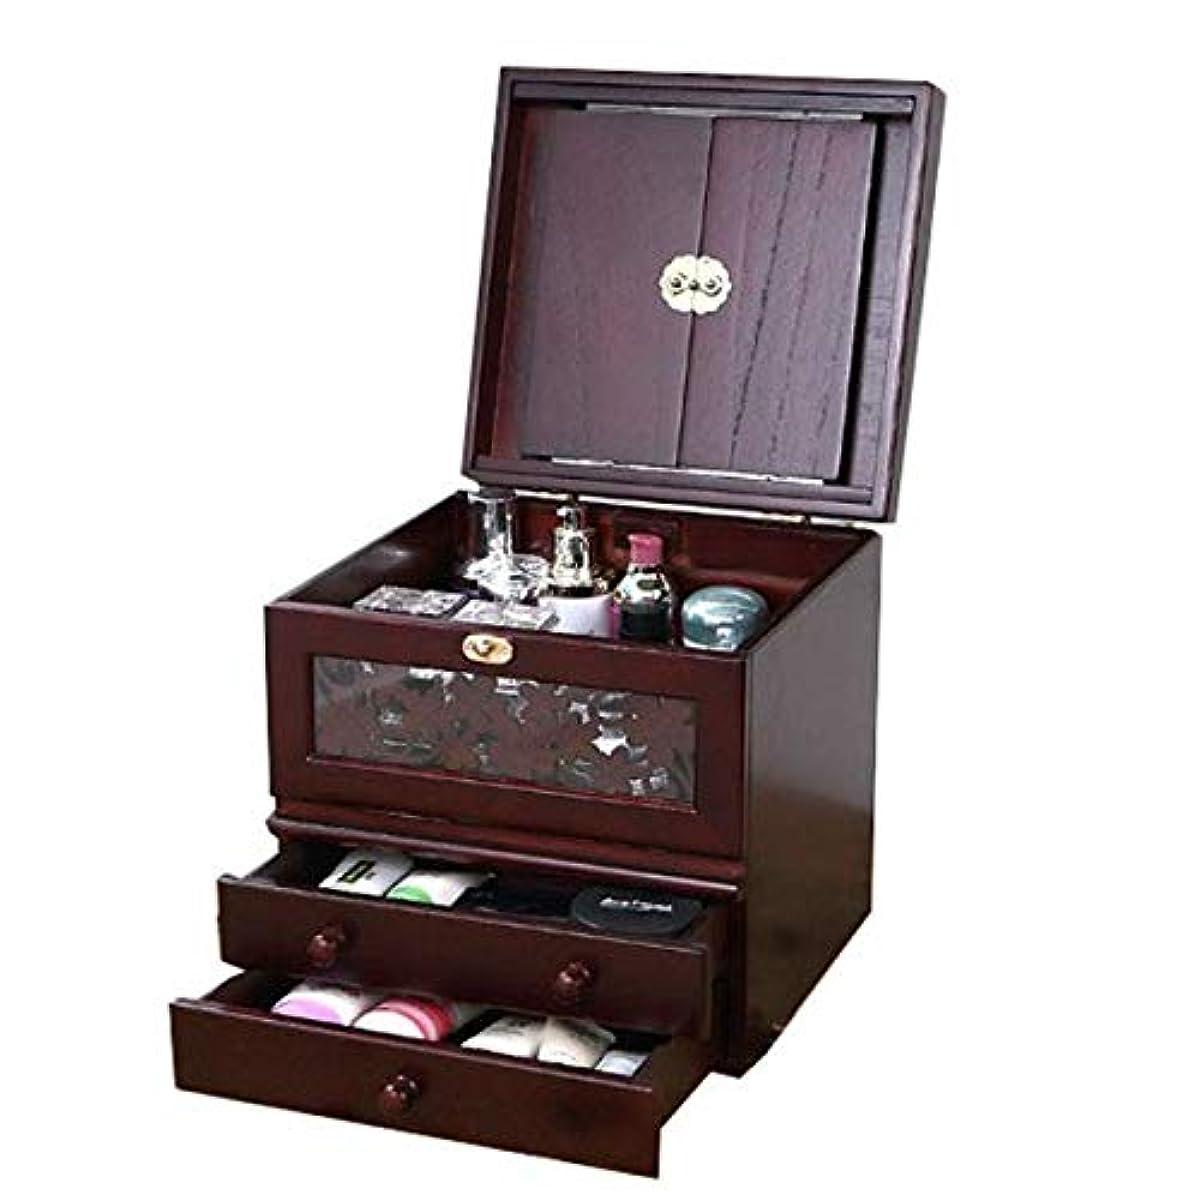 護衛マトロン食べる化粧箱、ミラー付きヴィンテージ木製化粧品ケースの3層、ハイエンドの結婚祝い、新築祝いのギフト、美容ネイルジュエリー収納ボックス